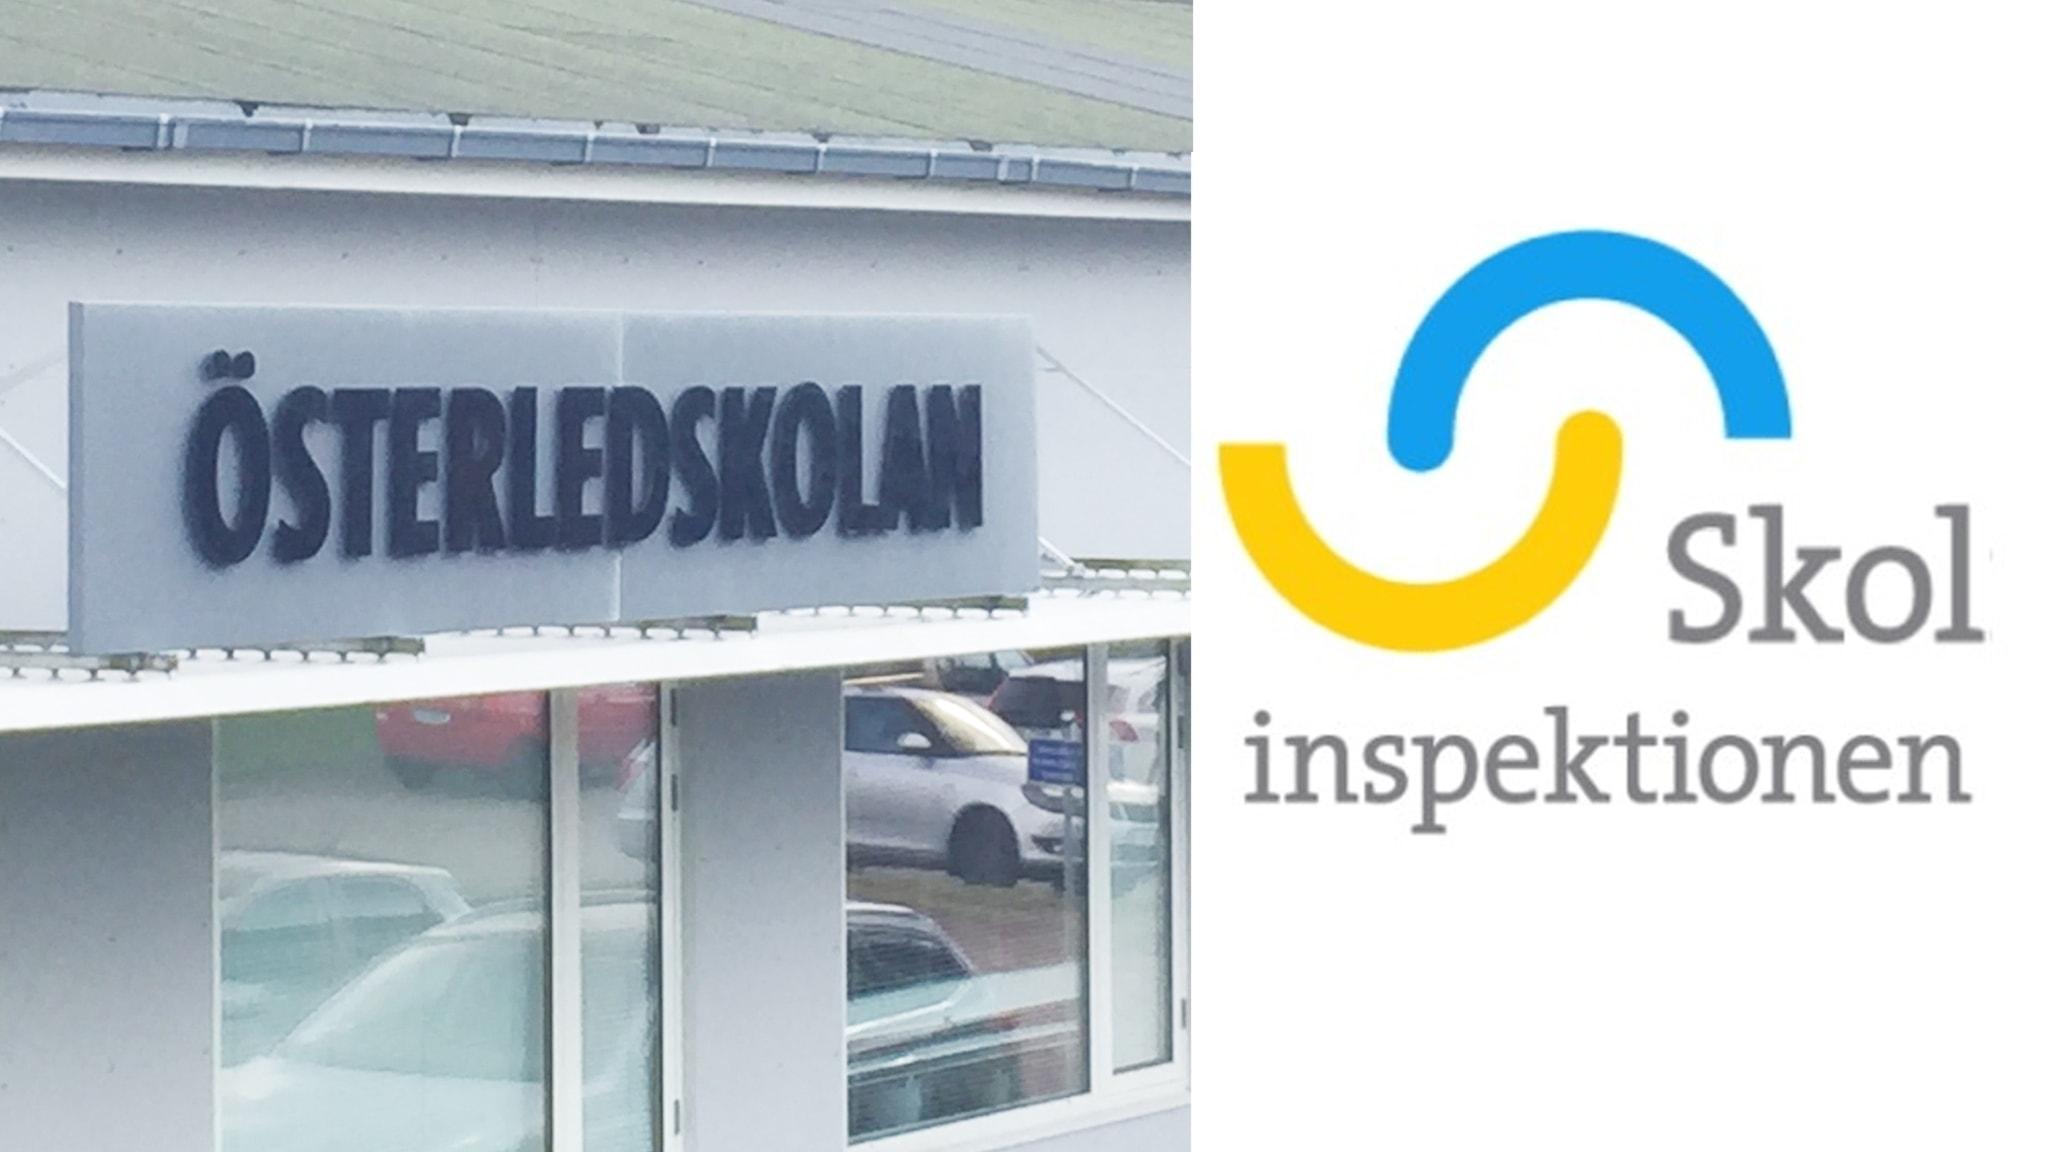 Polisen sker maskerad rnare - Aftonbladet live: Supernytt